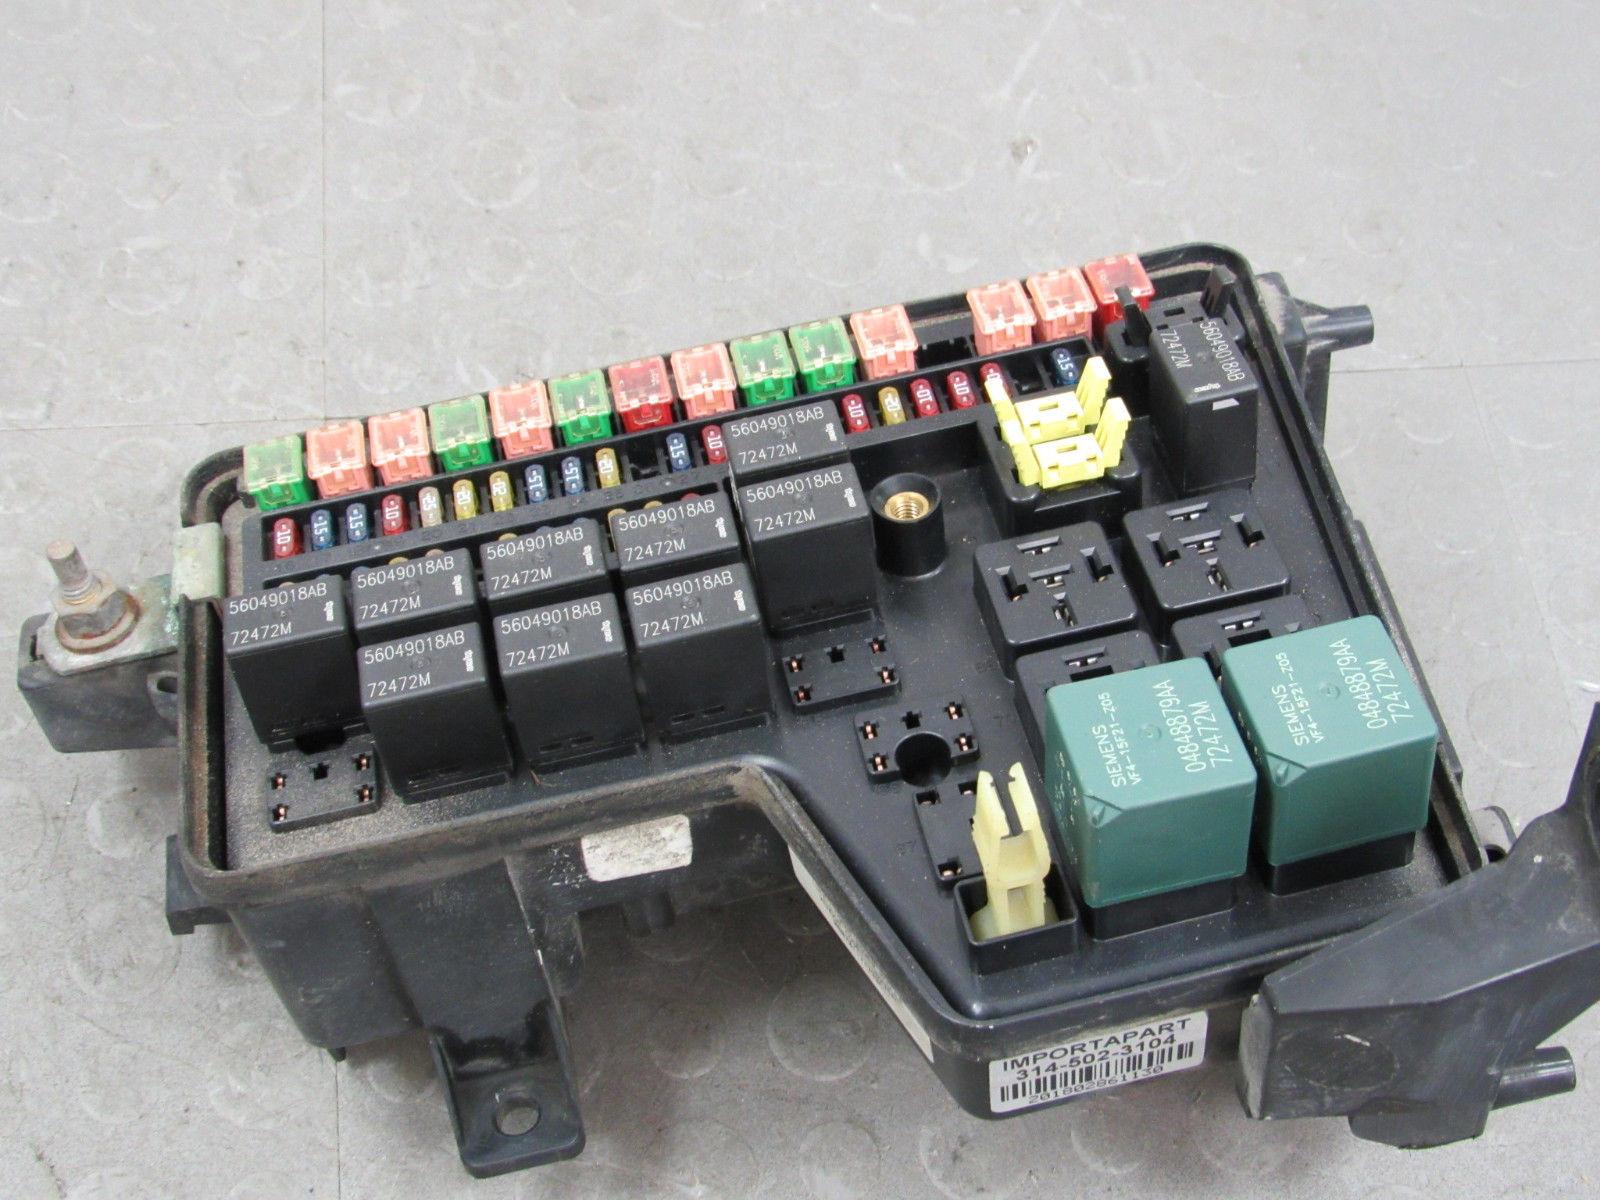 hight resolution of 02 03 dodge ram integrated power distribution module fuse box 56049011af eg